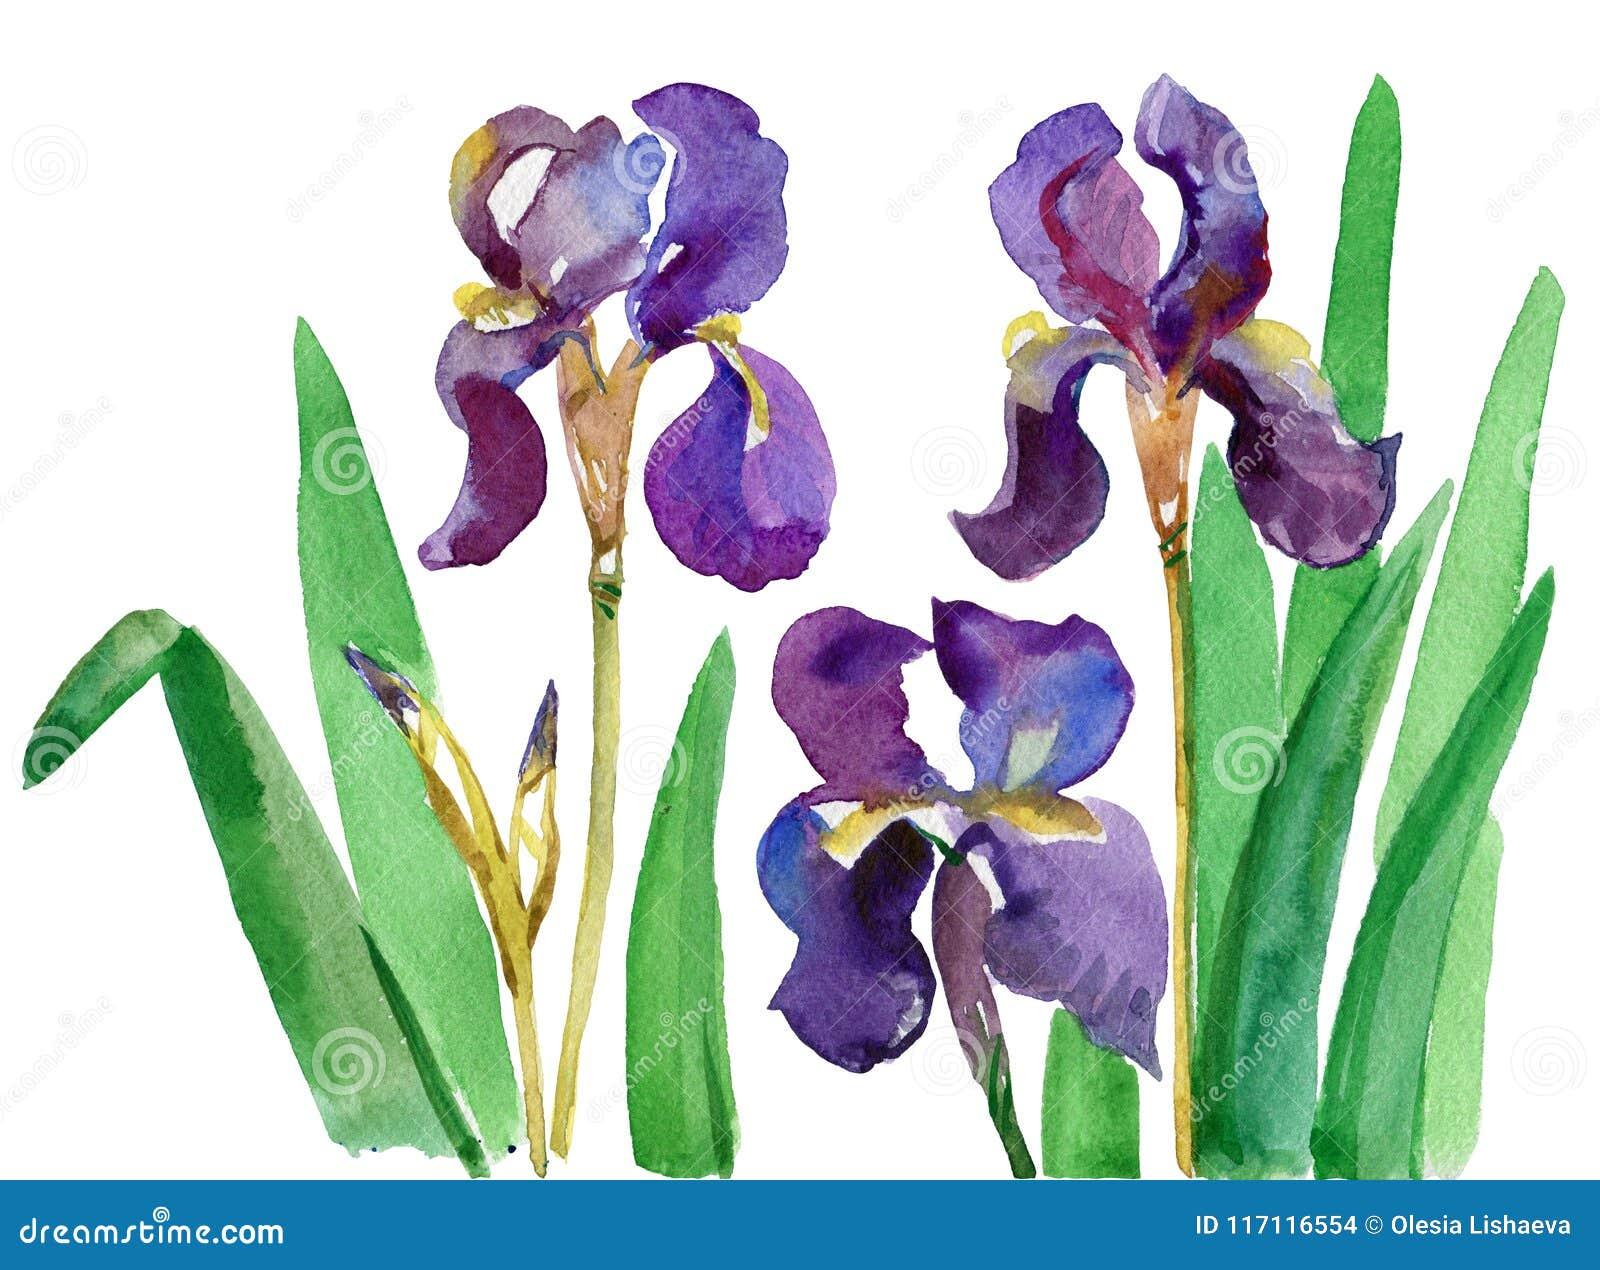 Watercolor floral print iris flowers crosses flowers of iris watercolor floral print iris flowers crosses flowers of iris watercolor hand drawn izmirmasajfo